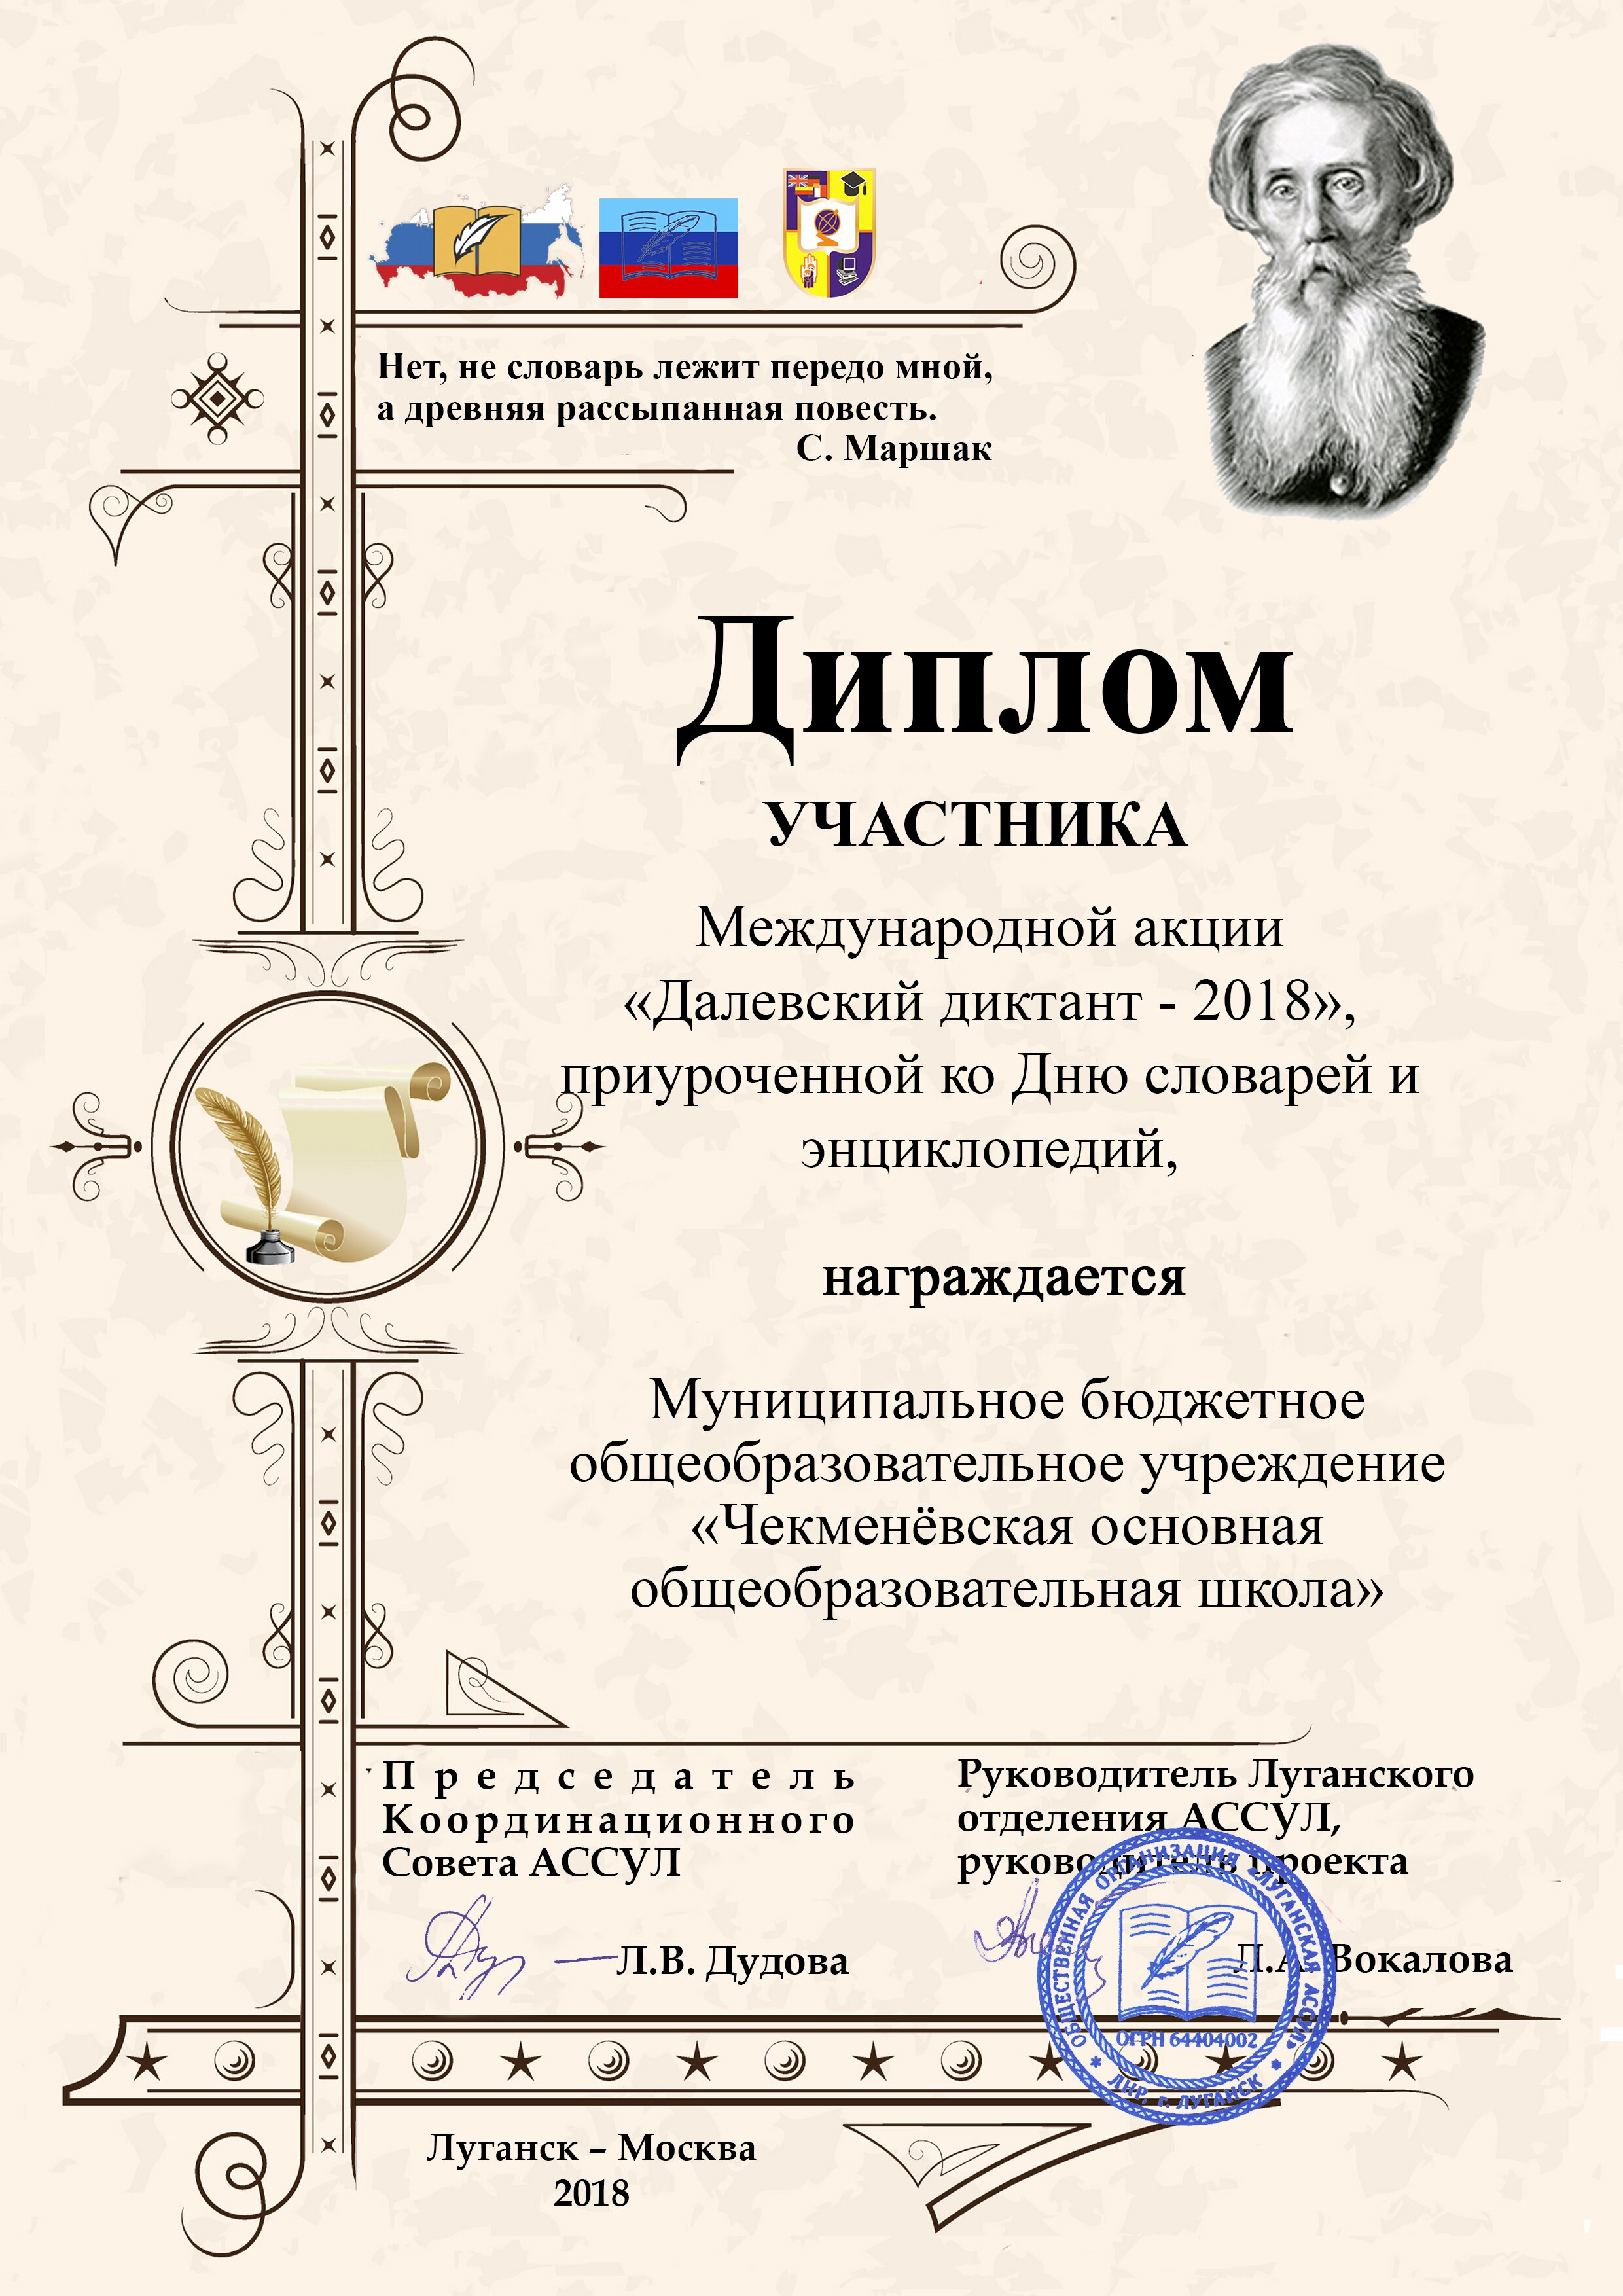 Диплом участника Далевского диктанта